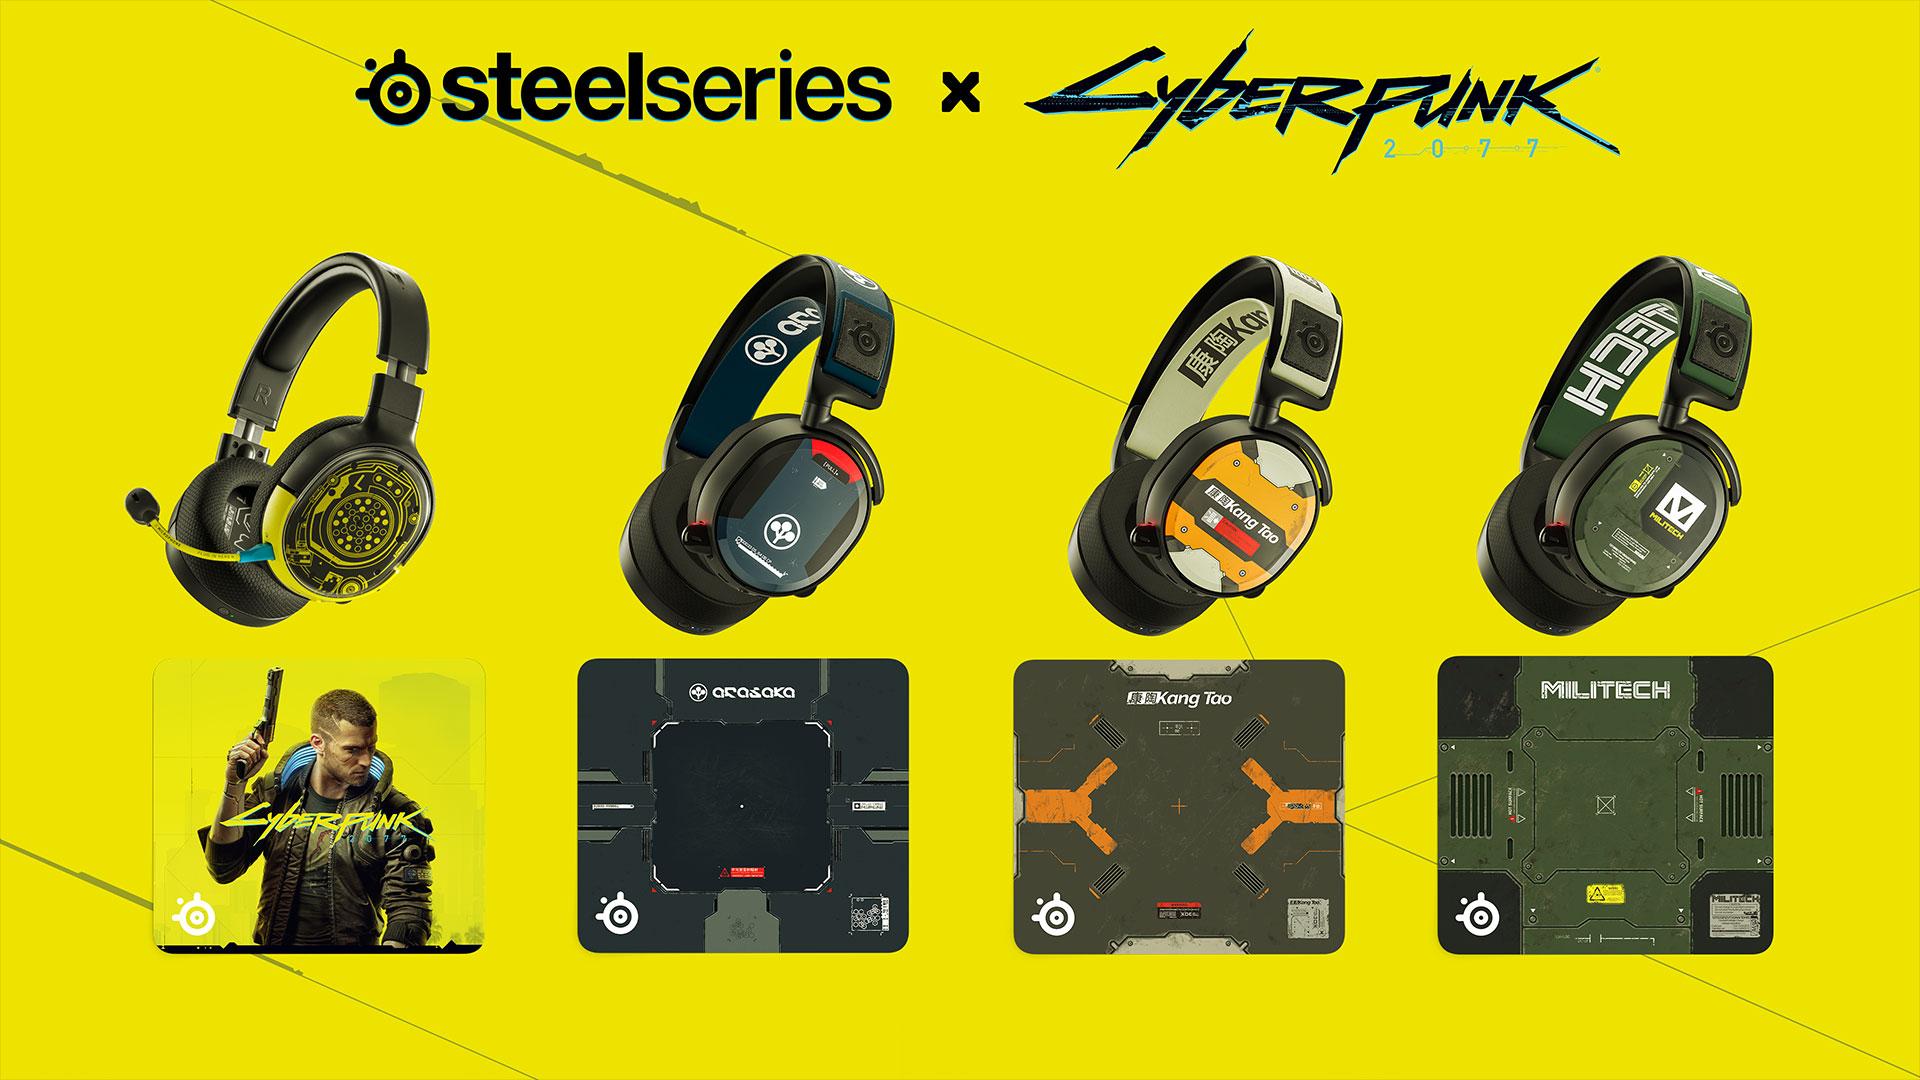 SteelSeries představuje limitovanou edici příslušenství na motivy Cyberpunku 2077